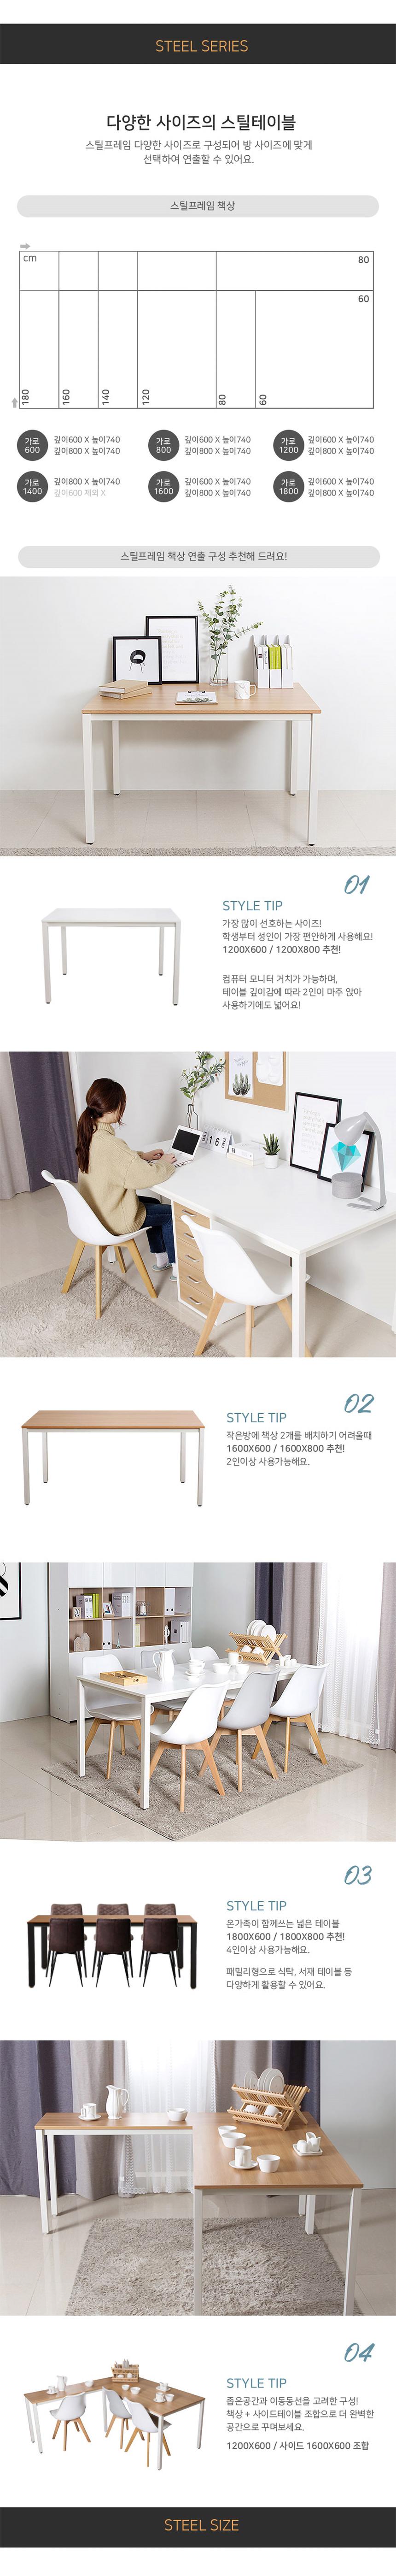 스틸프레임책상1200x600 - 필웰, 129,000원, 책상/의자, 일반 책상